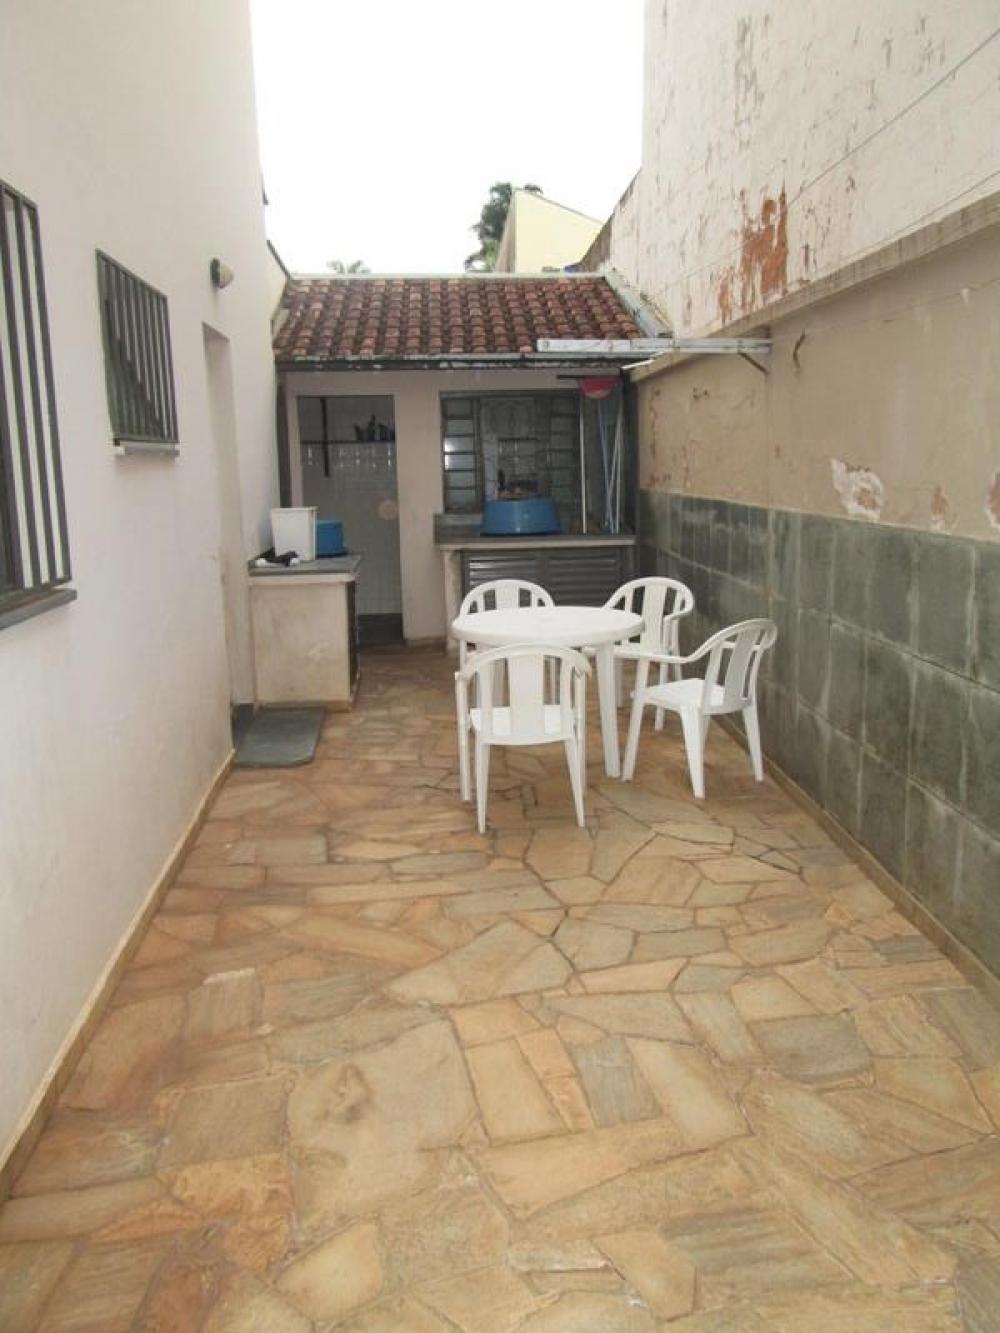 Comprar Casa / Padrão em São José do Rio Preto R$ 680.000,00 - Foto 22